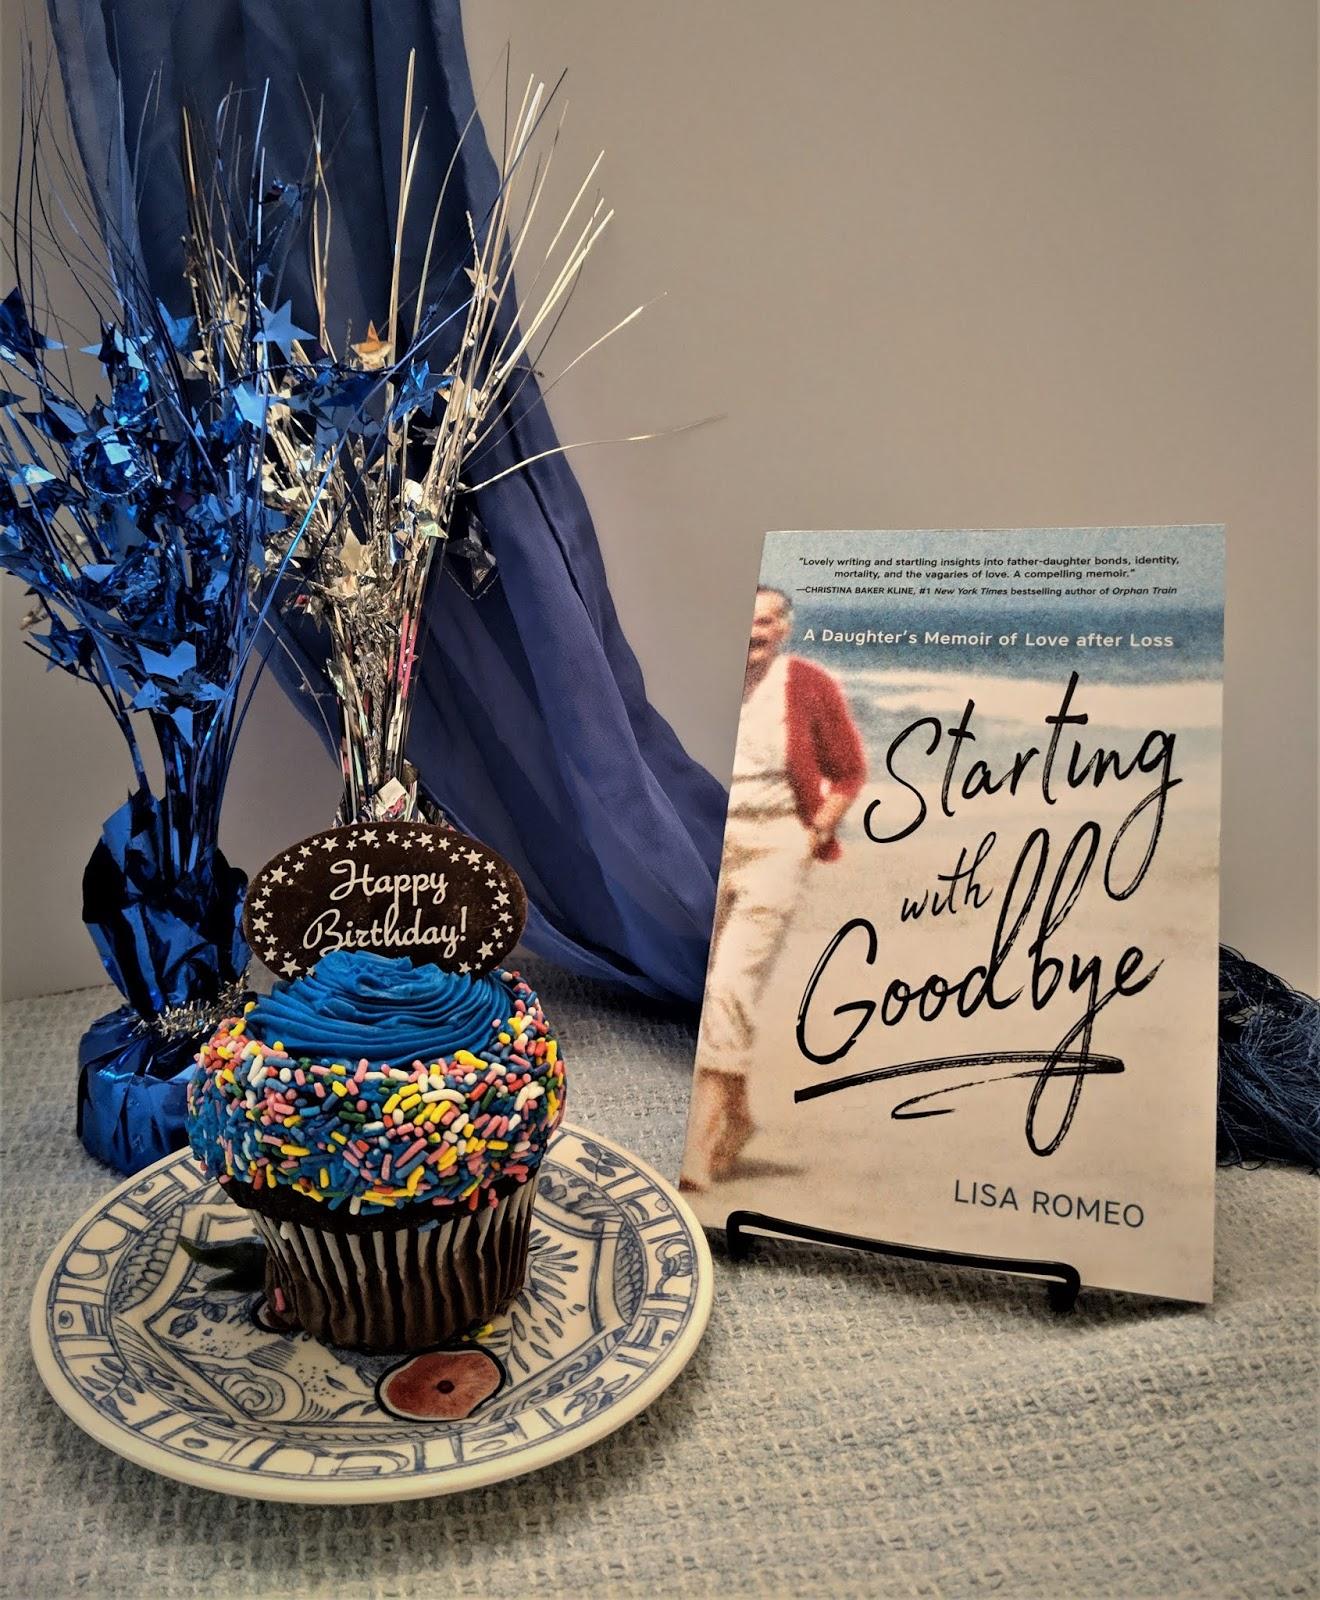 Lisa Romeo Writes The Blog One Year Book Anniversary